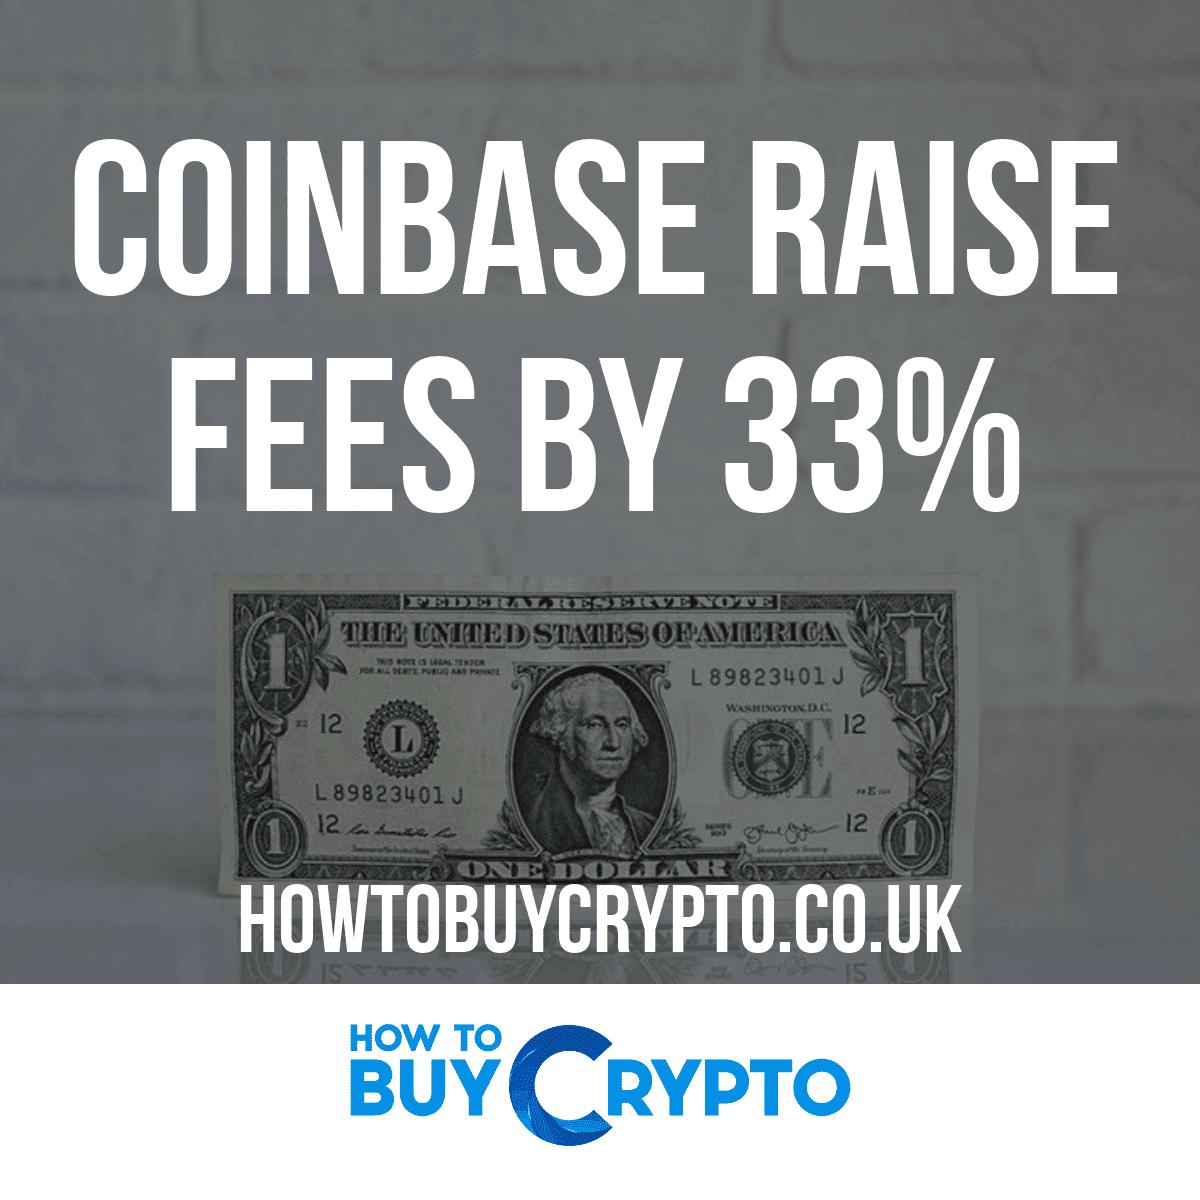 Coinbase Raise Fees